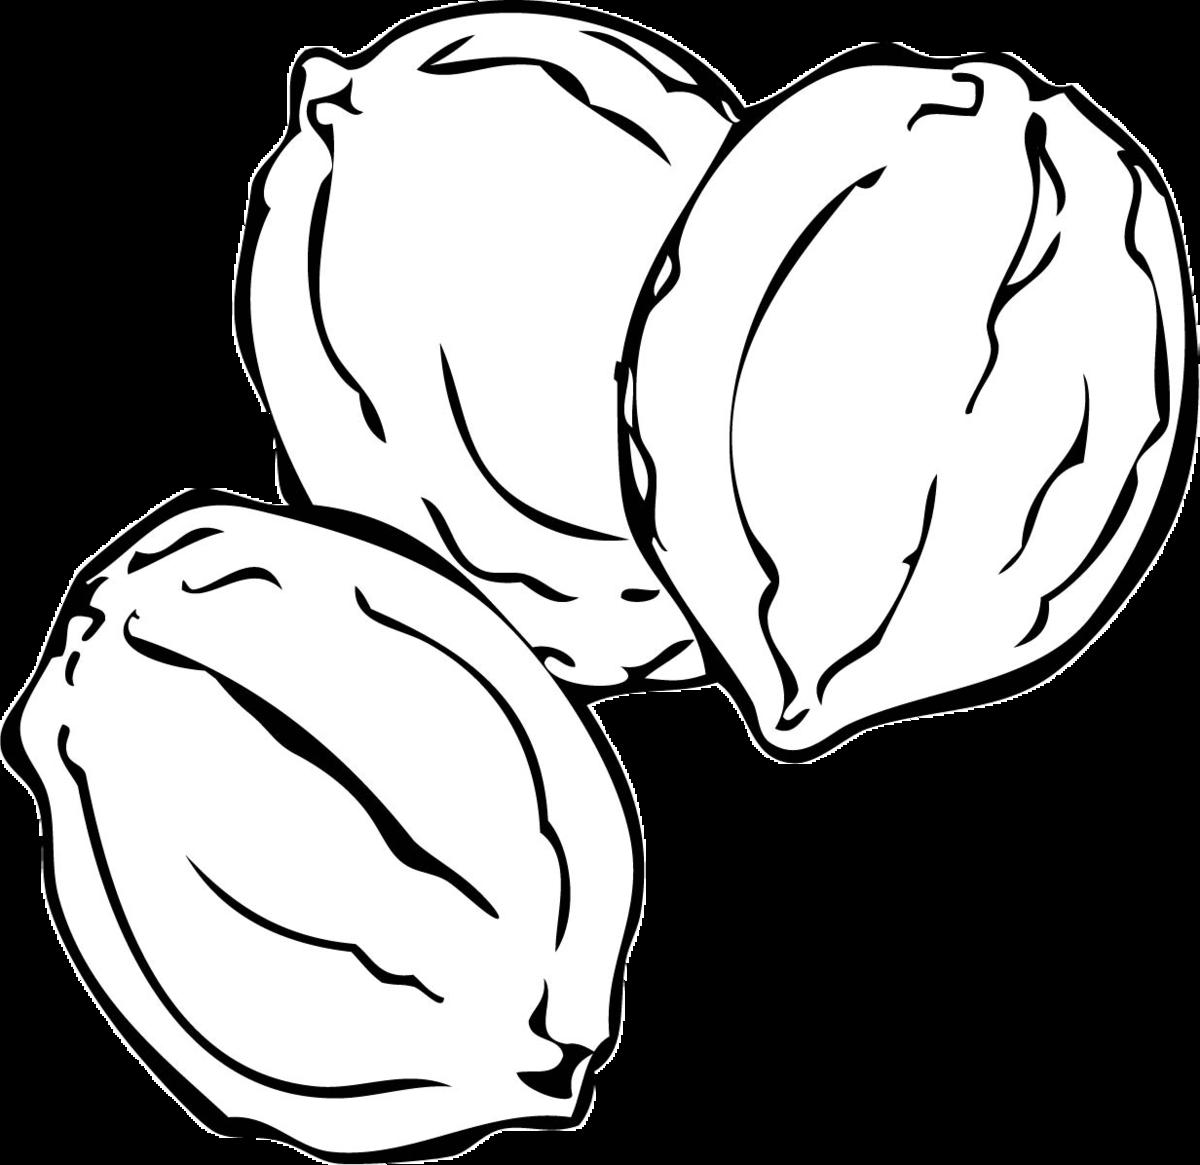 Картинка раскраска орехи